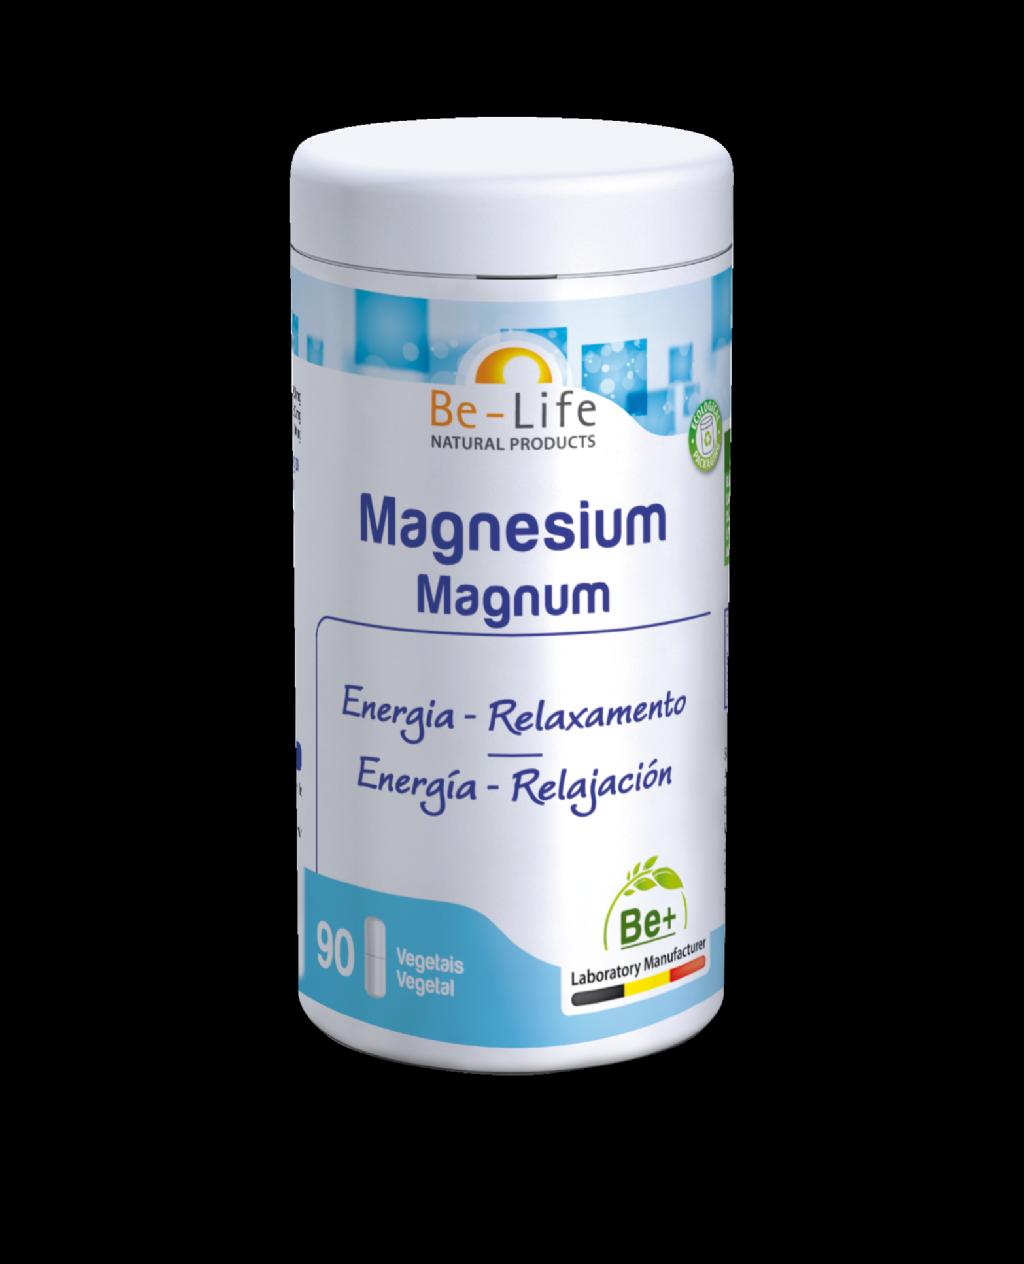 MAGNESIUM MAGNUM 90 GEL BIOLIFE